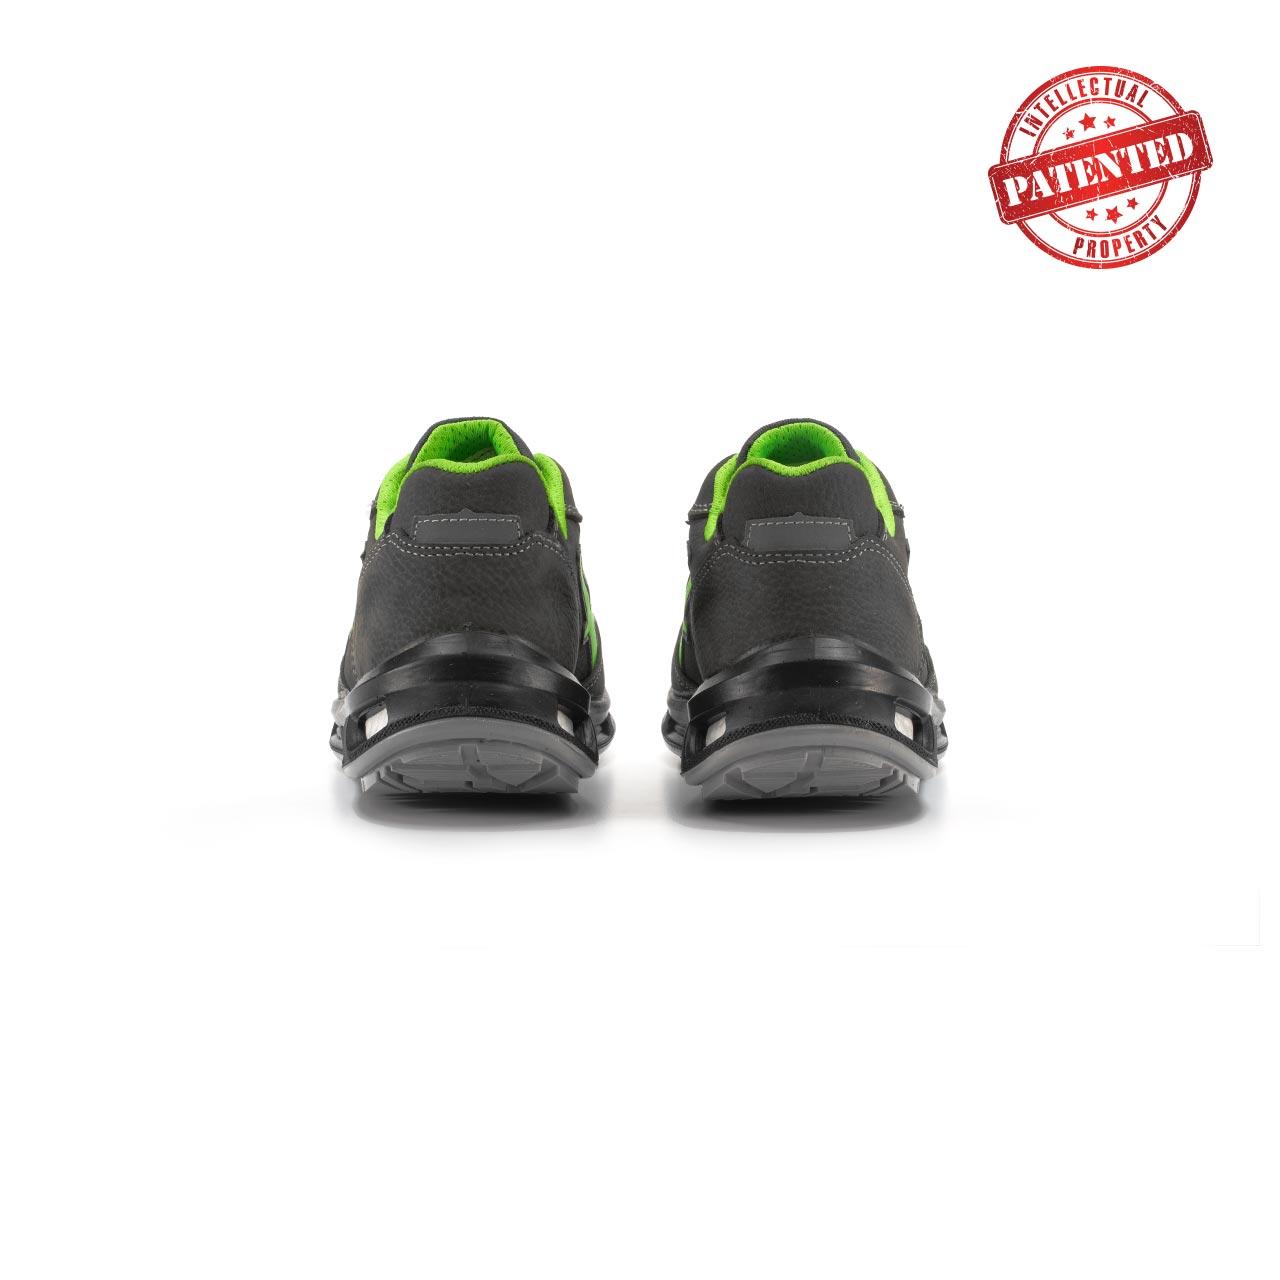 paio di scarpe antinfortunistiche upower modello yoda linea redlion vista retro